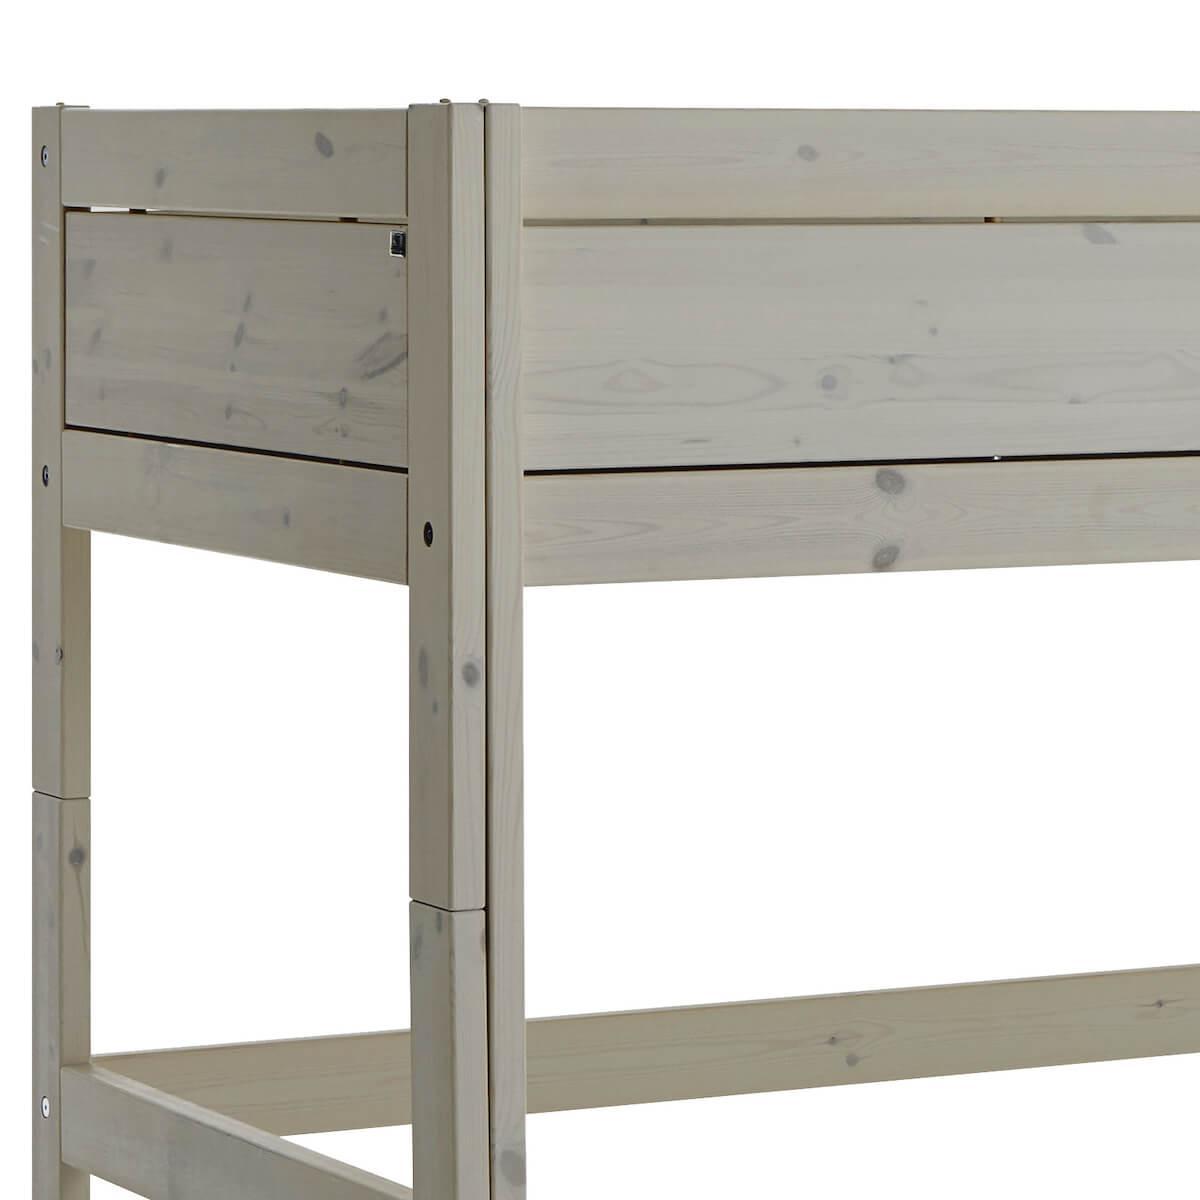 Niedriges Spielbett 90x200cm mit Rollboden gerade Leiter Lifetime greywash